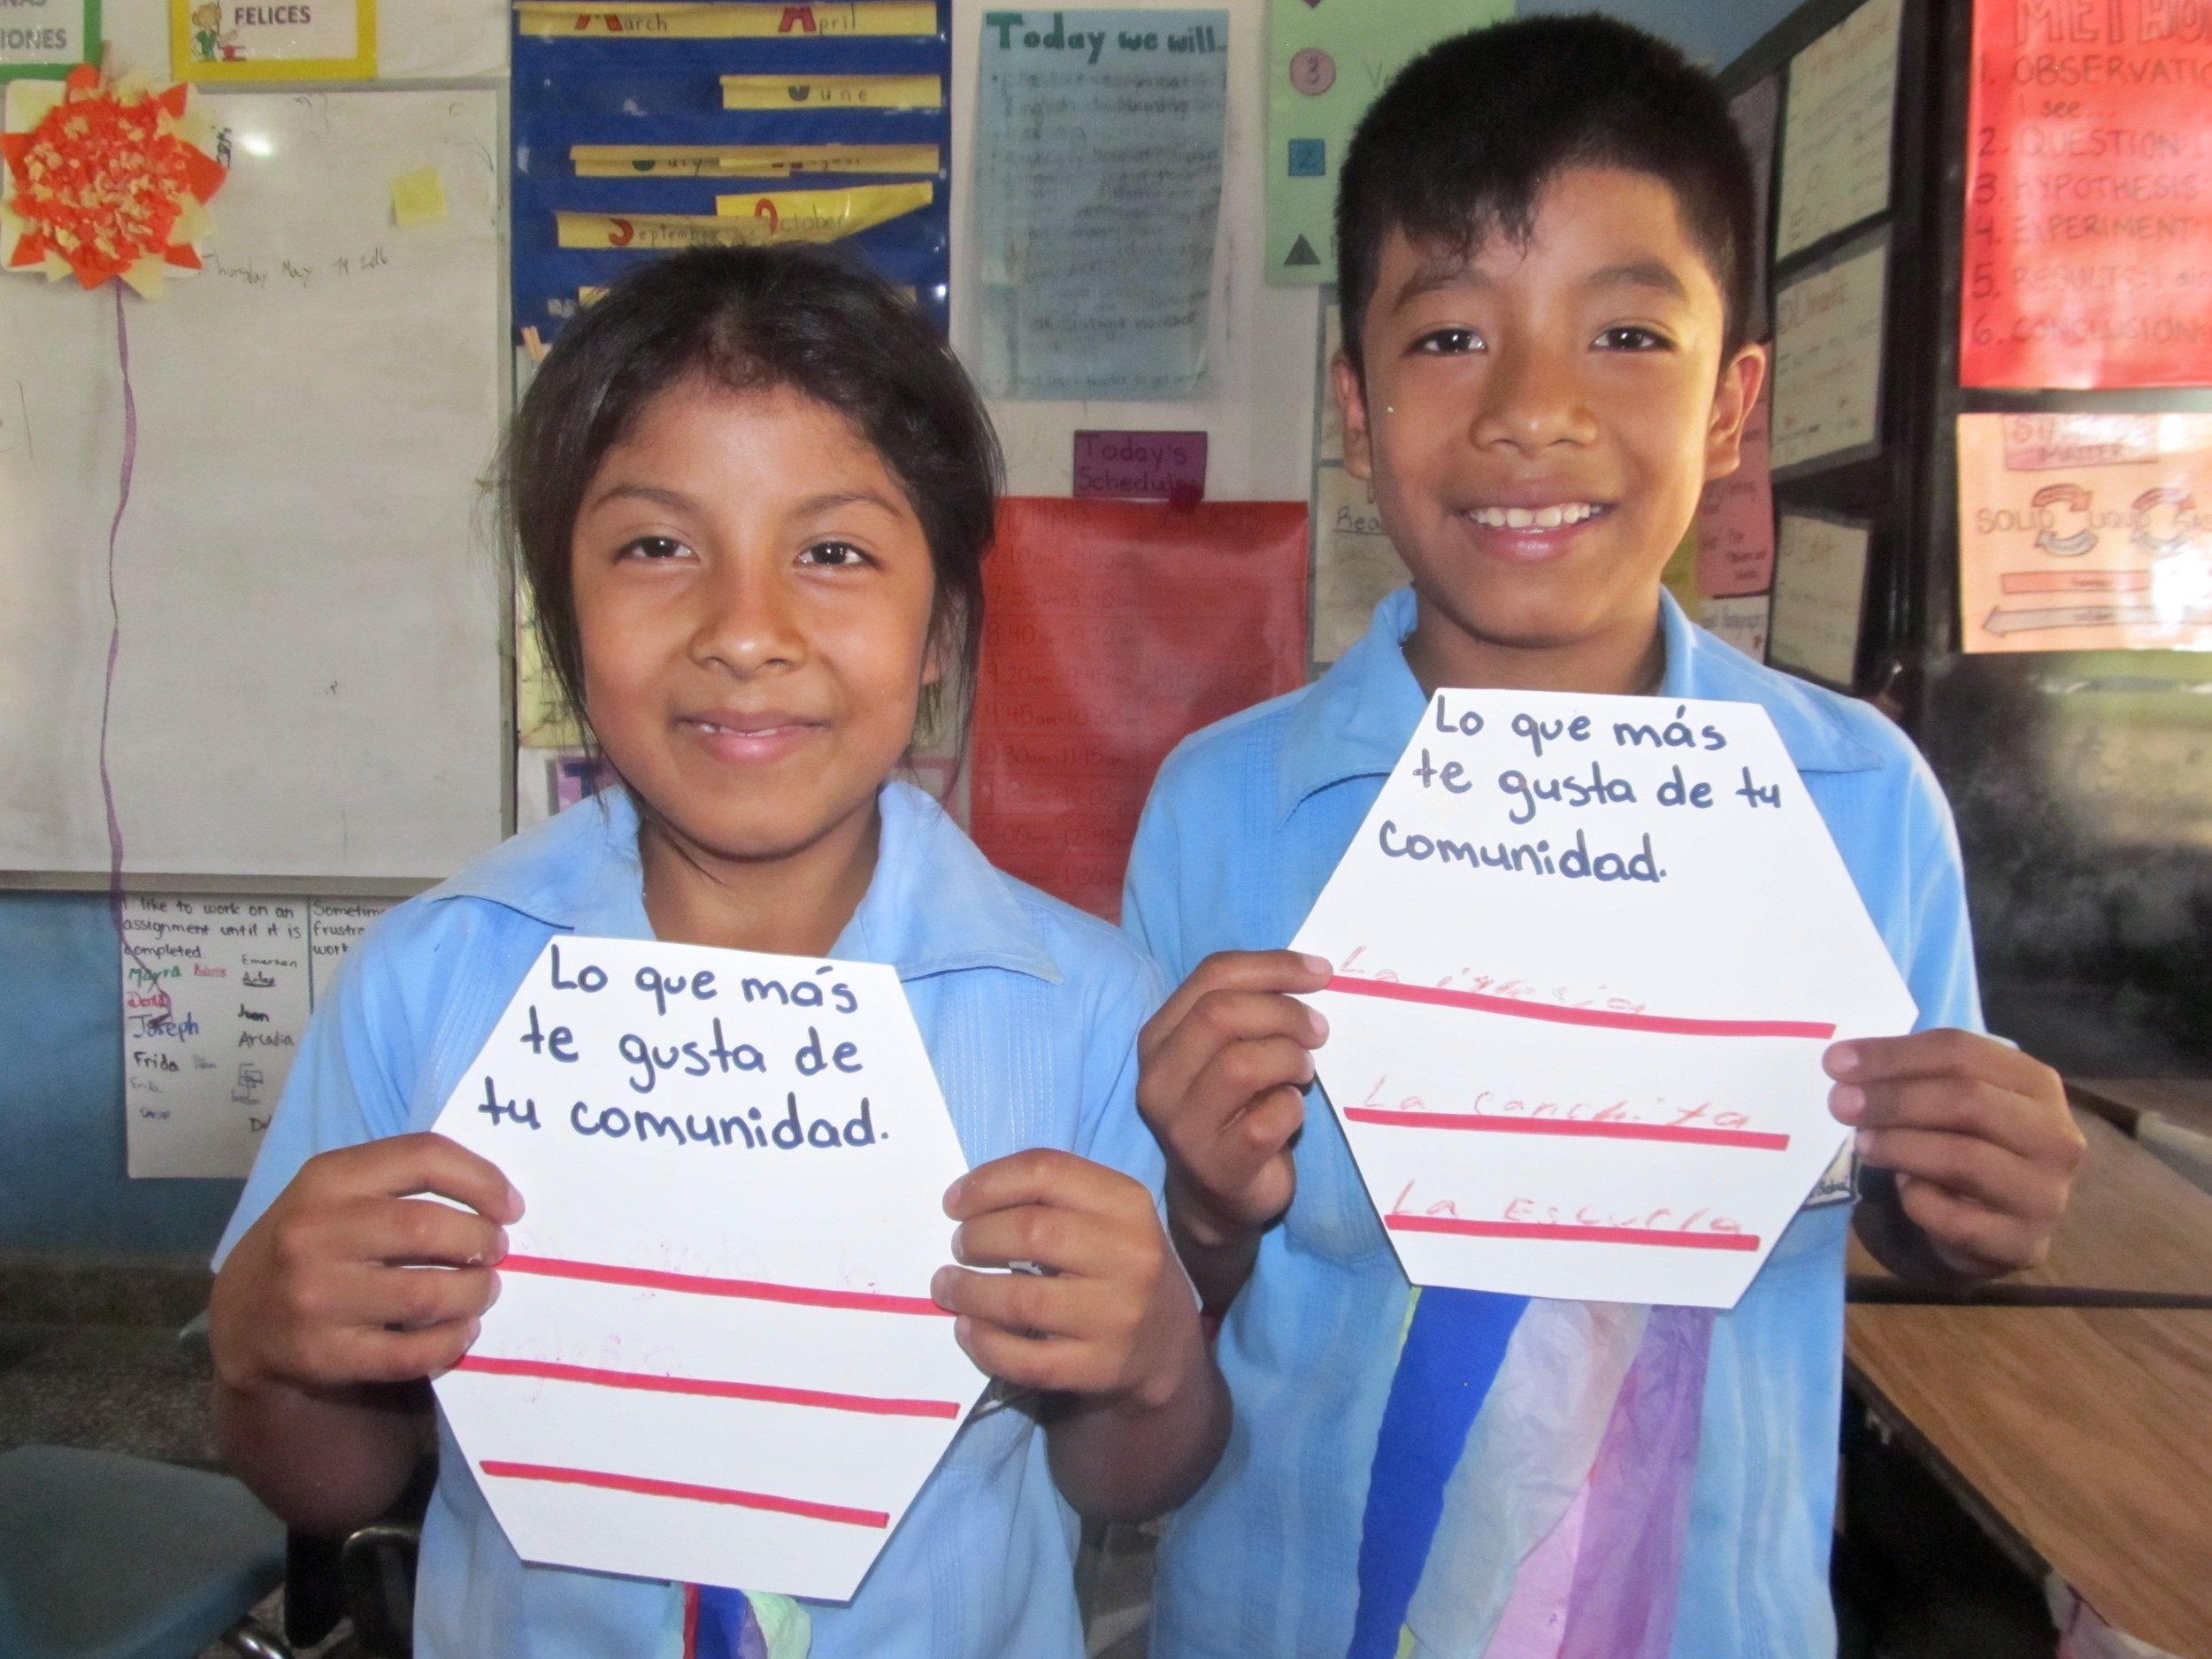 Hernando and his sister at school